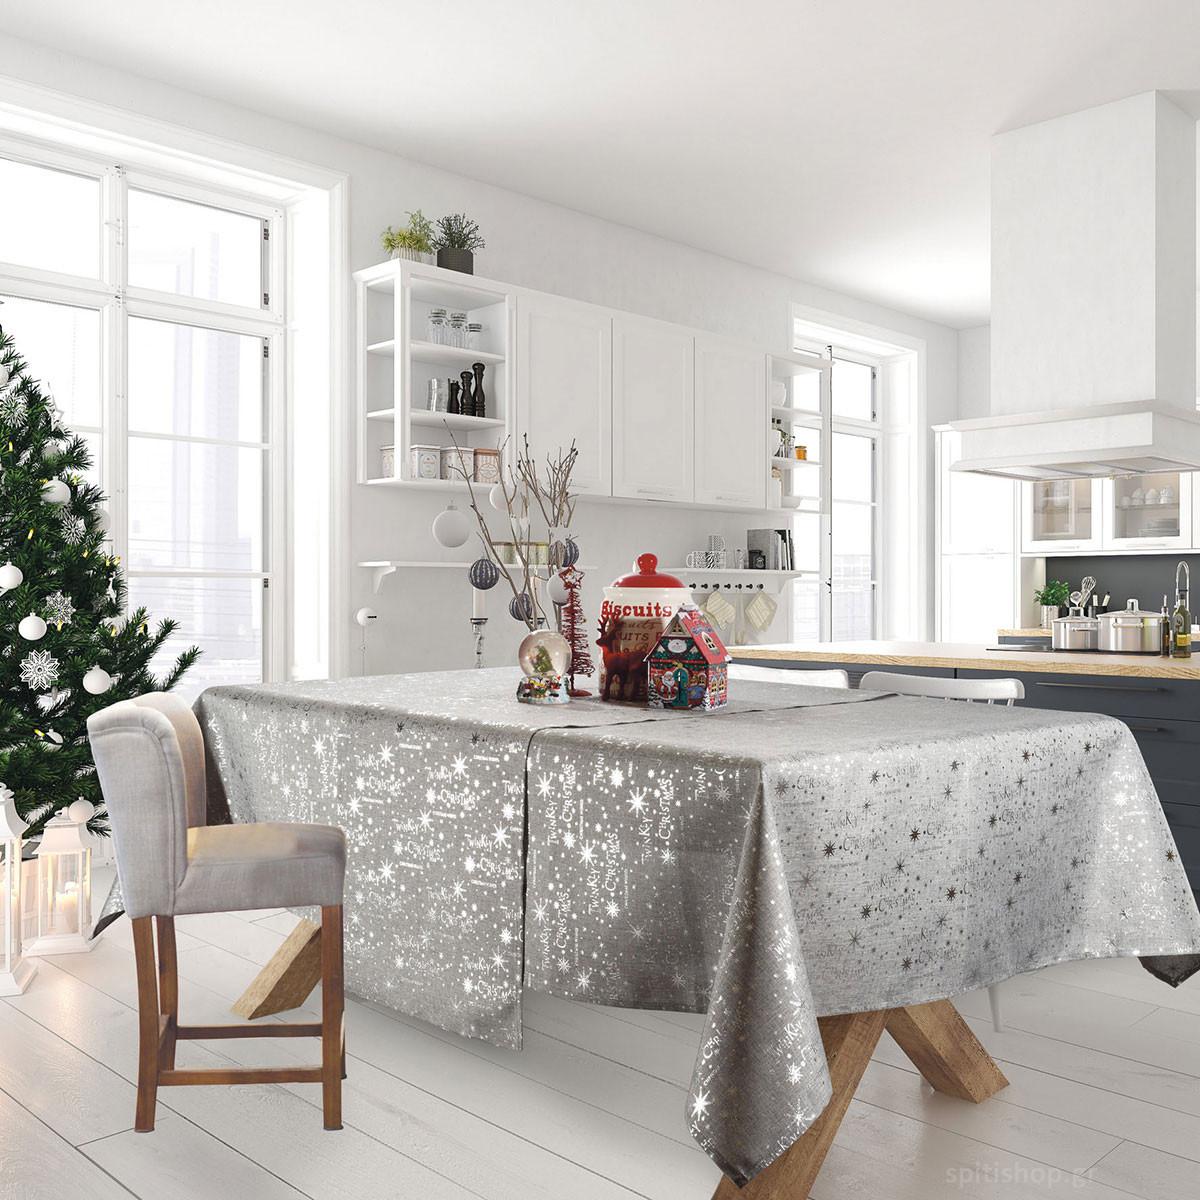 Χριστουγεννιάτικη Τραβέρσα Das Home Xmas 573 home   χριστουγεννιάτικα   χριστουγεννιάτικες τραβέρσες